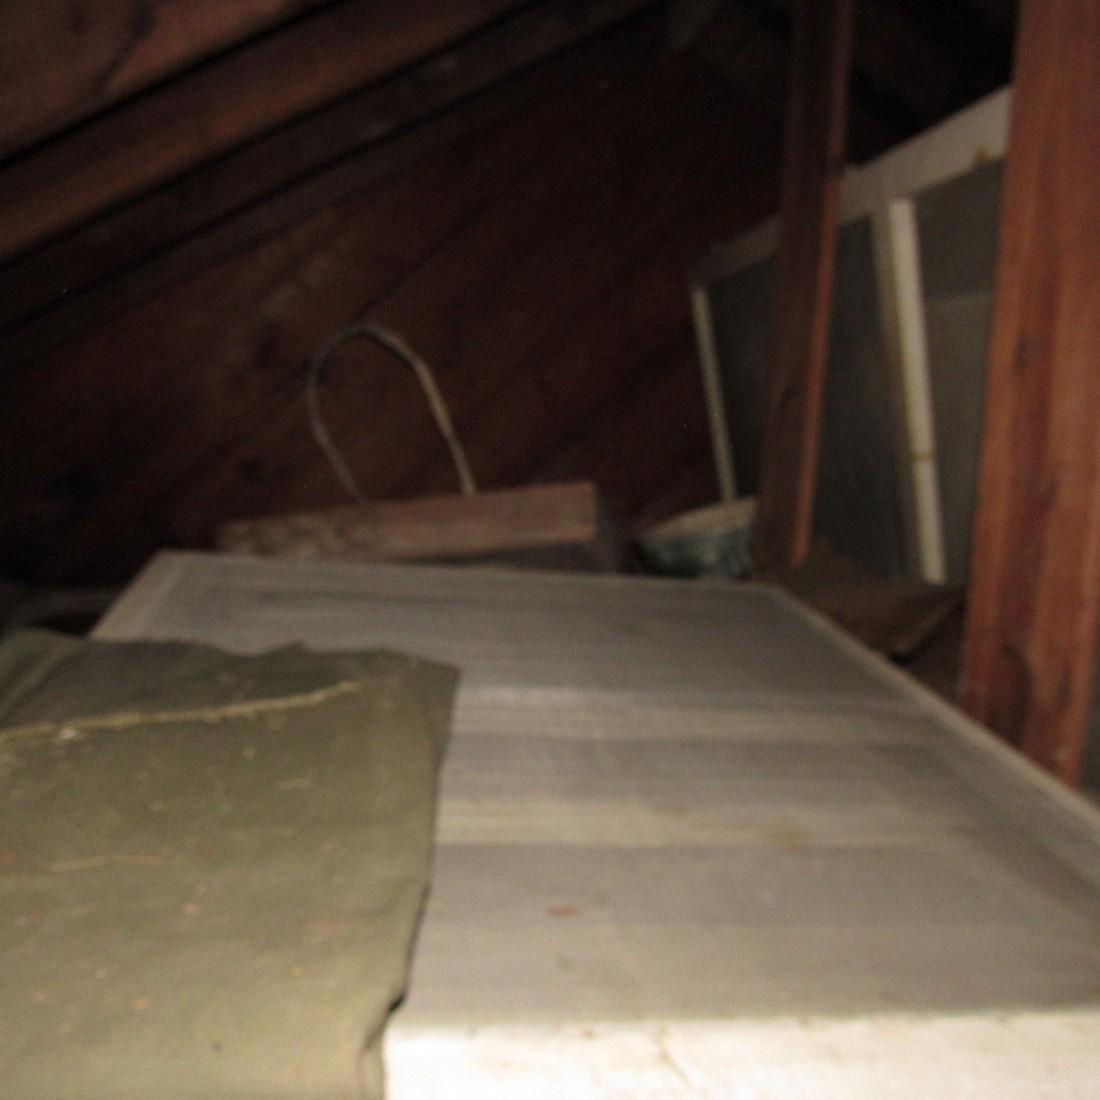 Contents of Top of Garage Mower Wood Door - 5